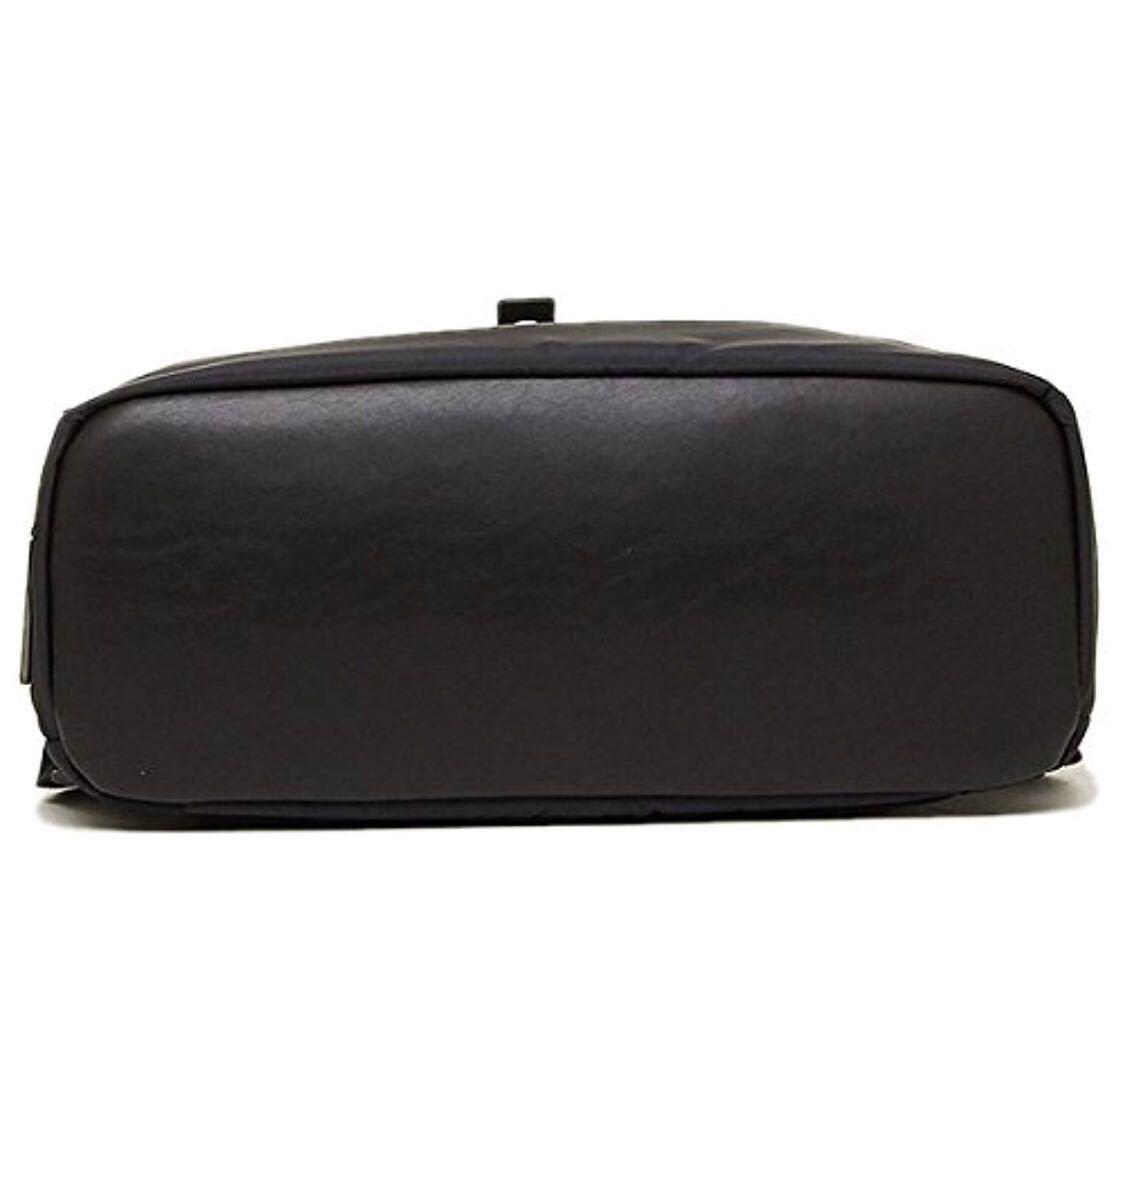 超美品 TUMI HAYDON ELIAS FLAP BACKPACK 64002NVY トゥミ イライアス フラップ バックパック メンズ 紺×黒 2WAY リュック_画像5